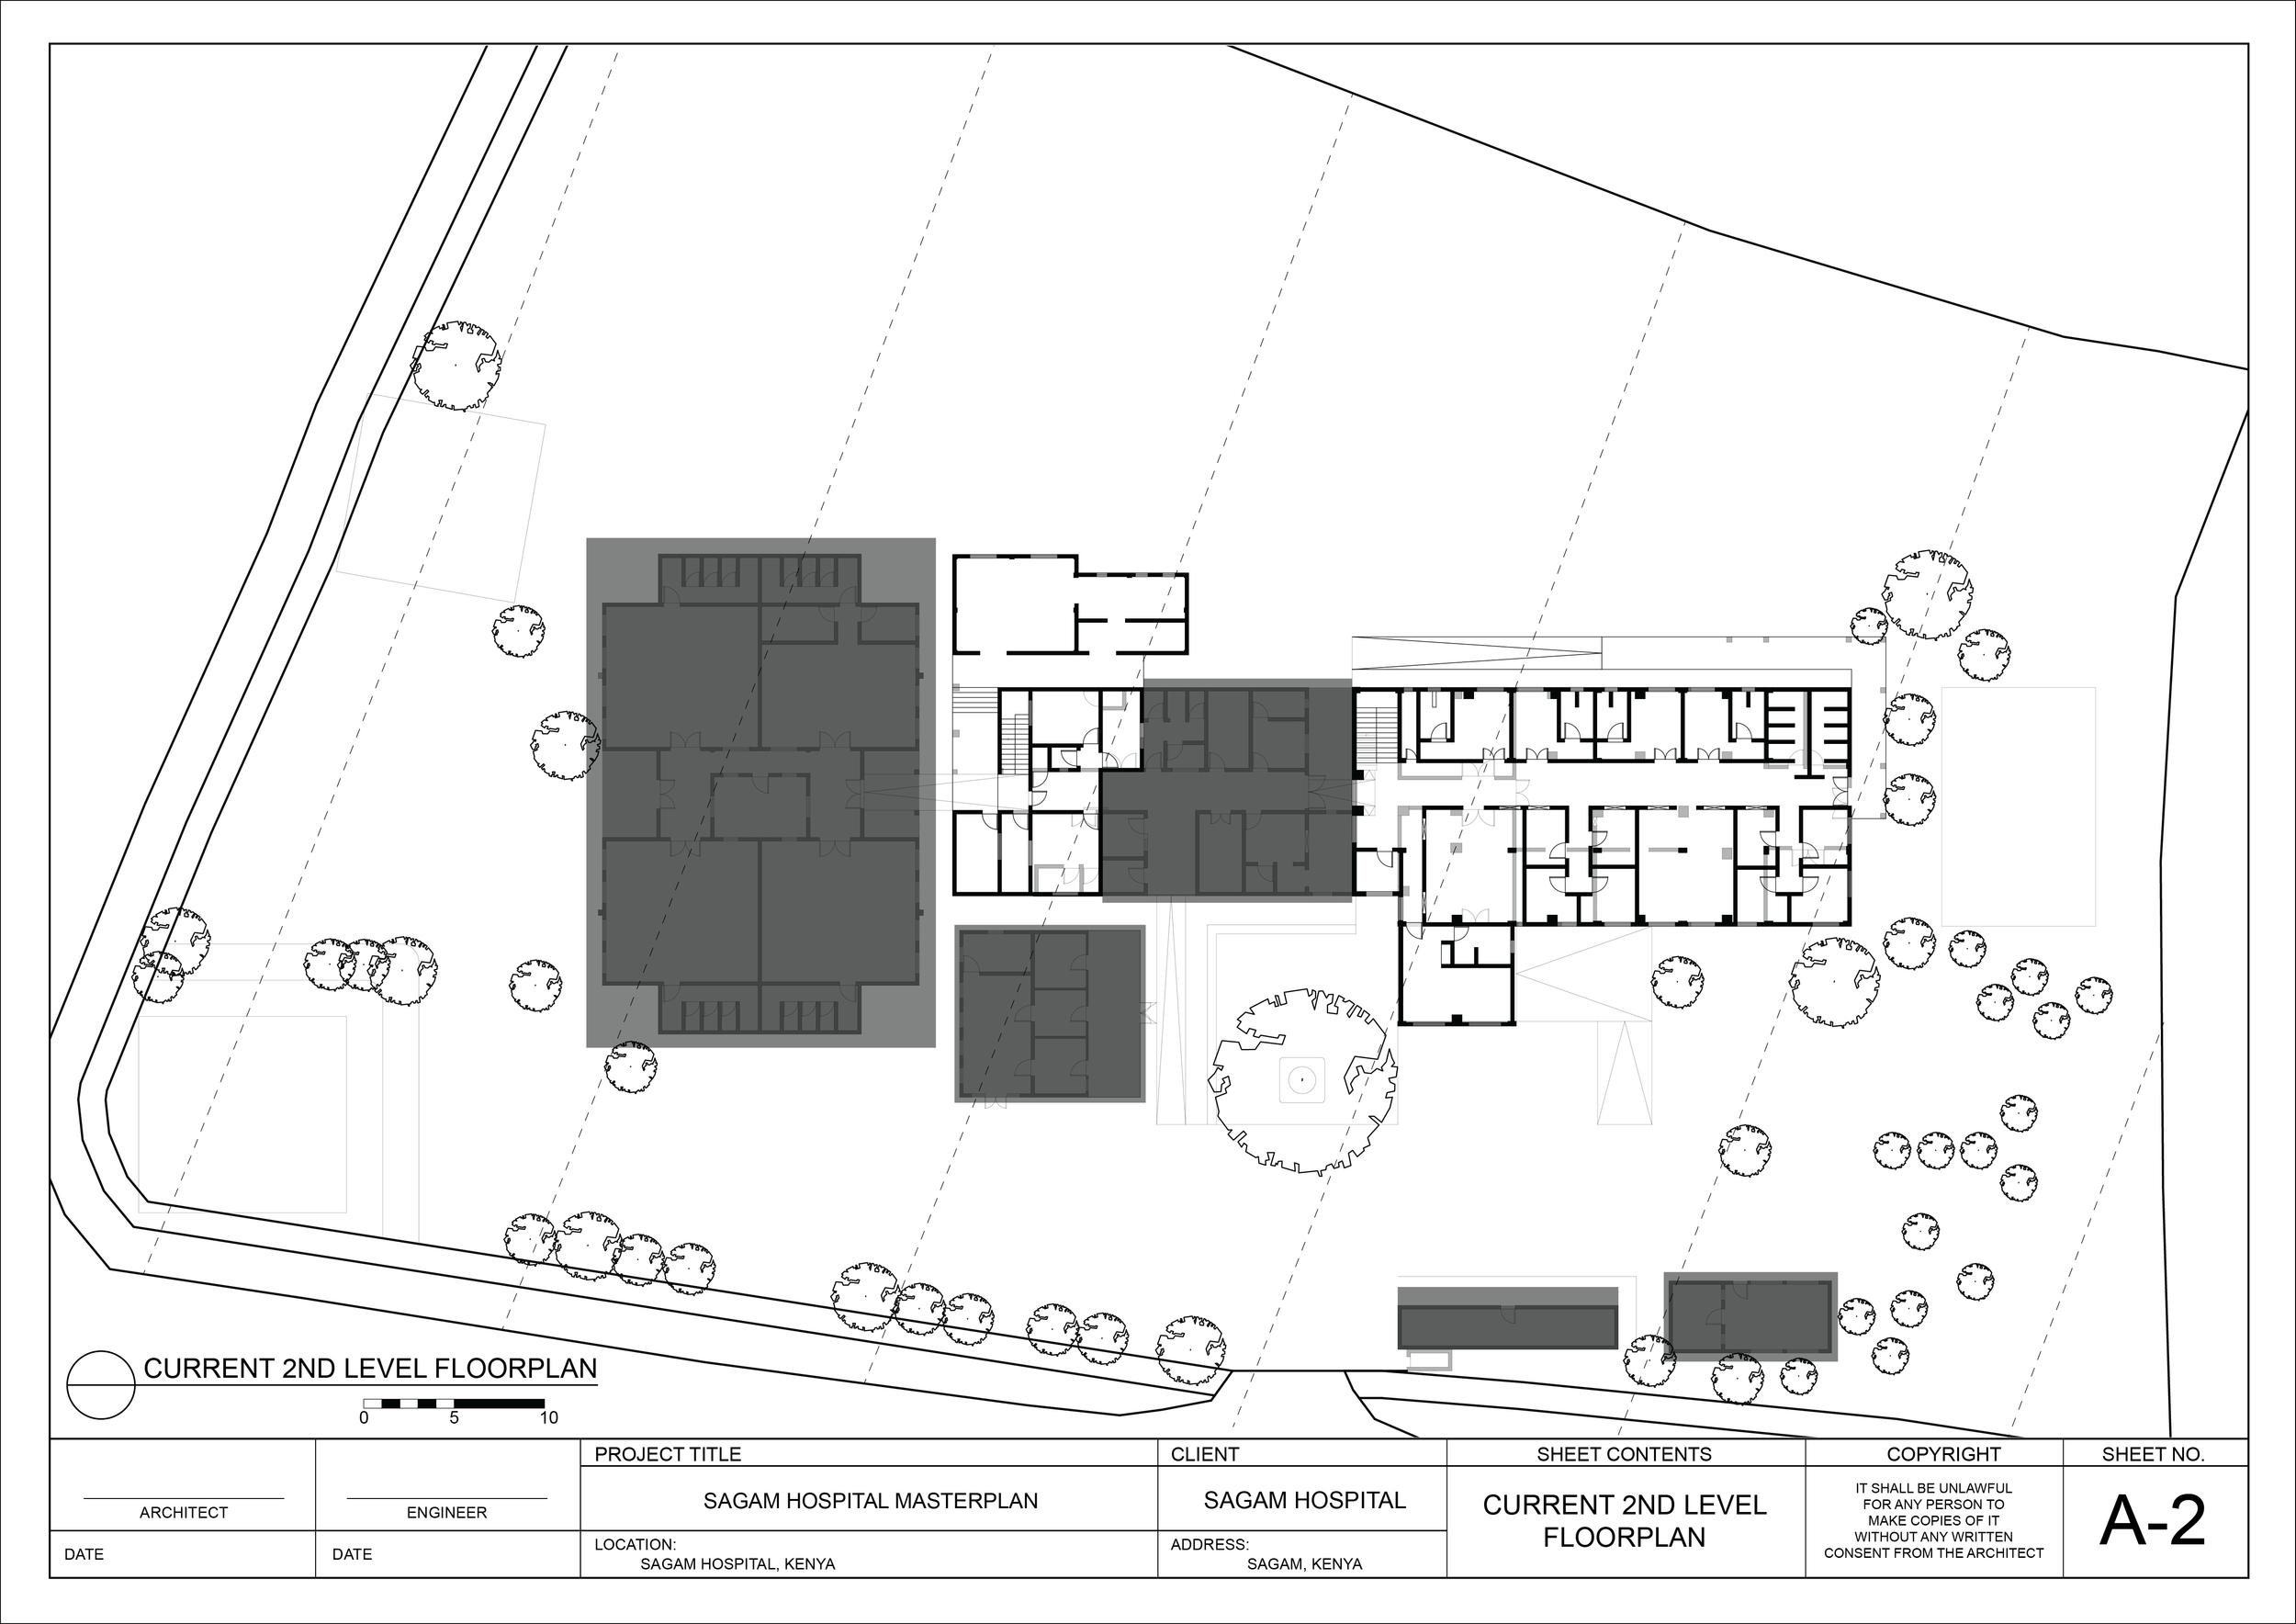 150810_WorkingDrawings_A-Masterplan-02.jpg